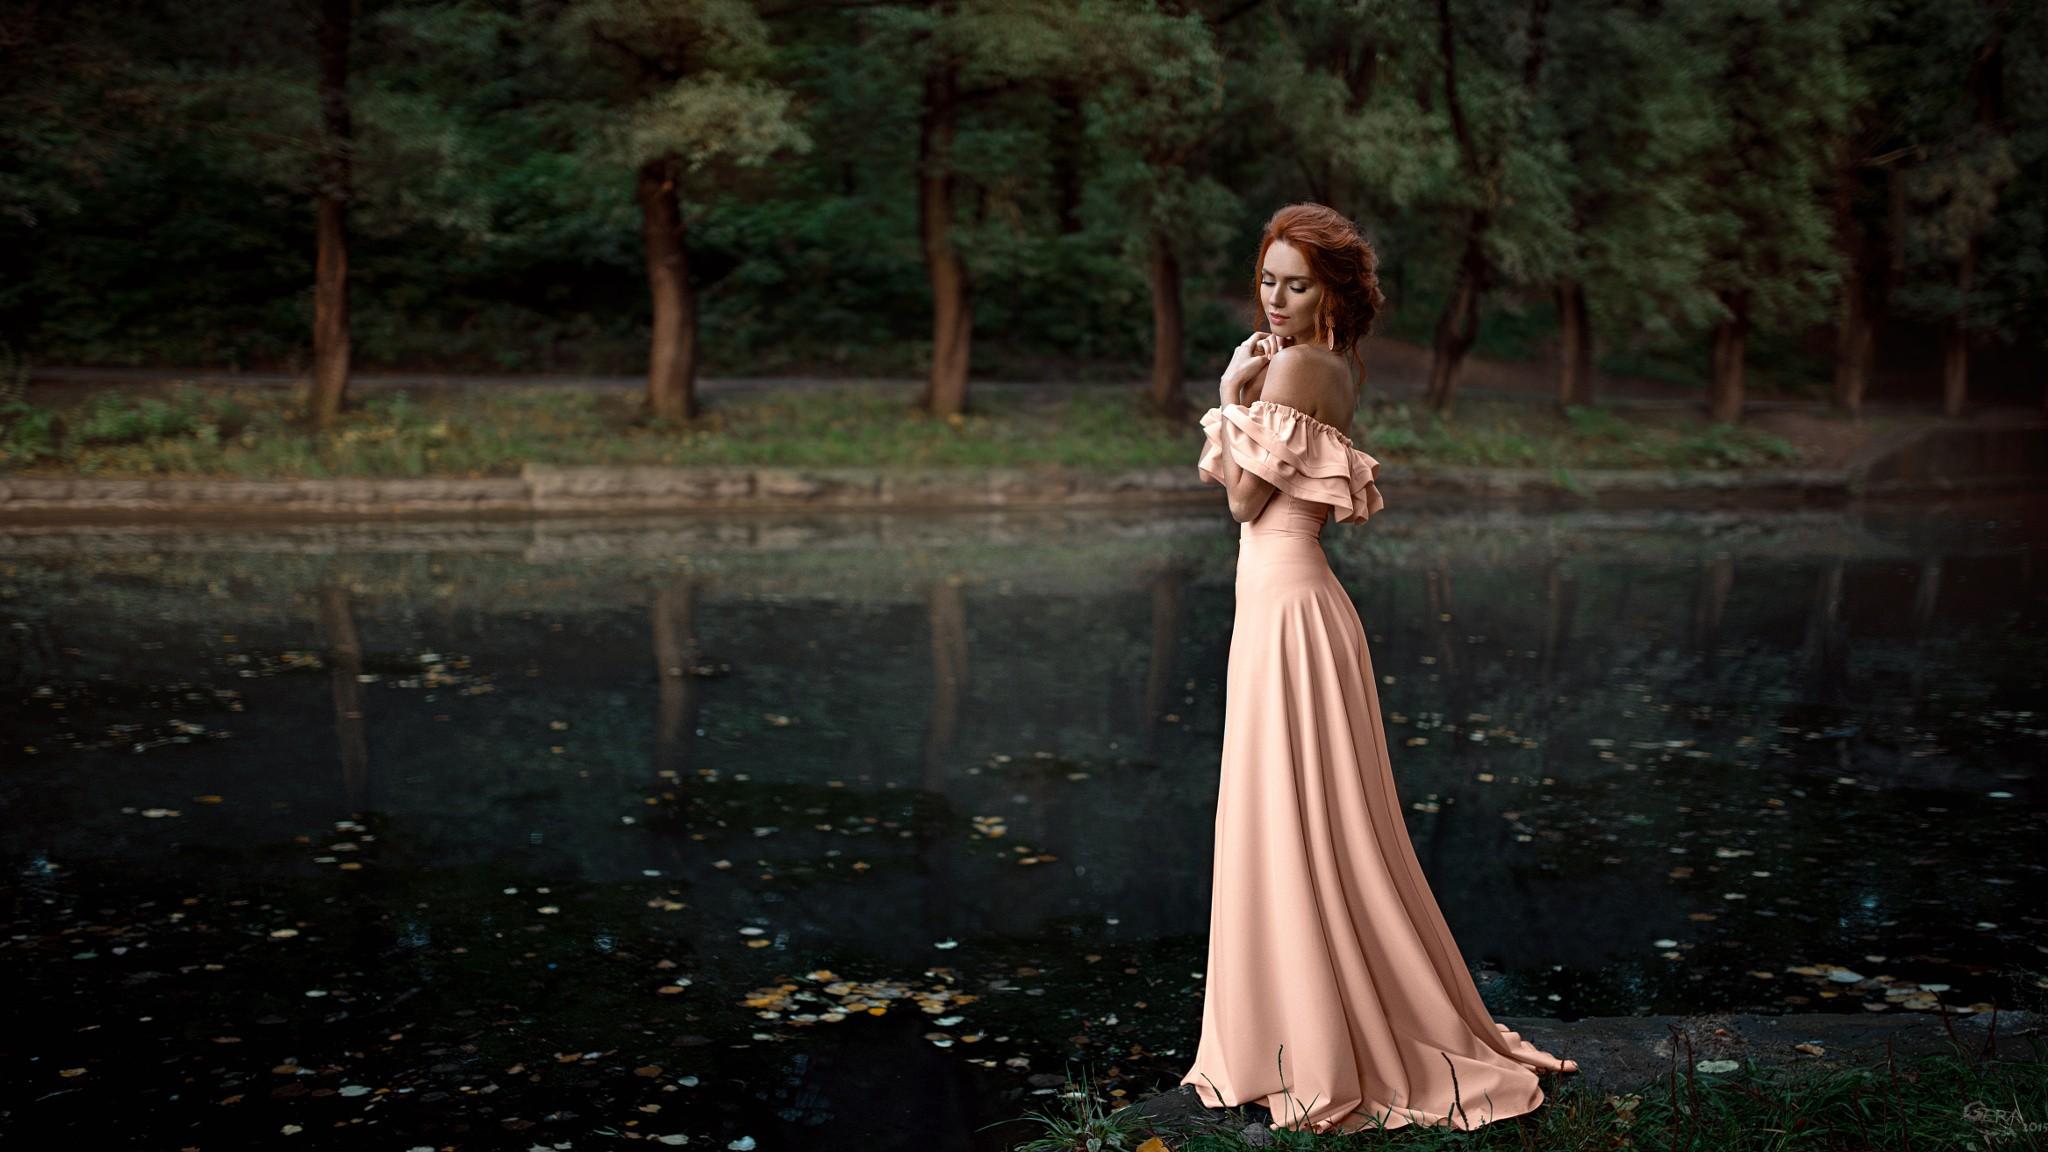 Baggrunde : træer, Kvinder udendørs, rødhåret, sø, natur, stropløs kjole, Georgy Chernyadyev ...